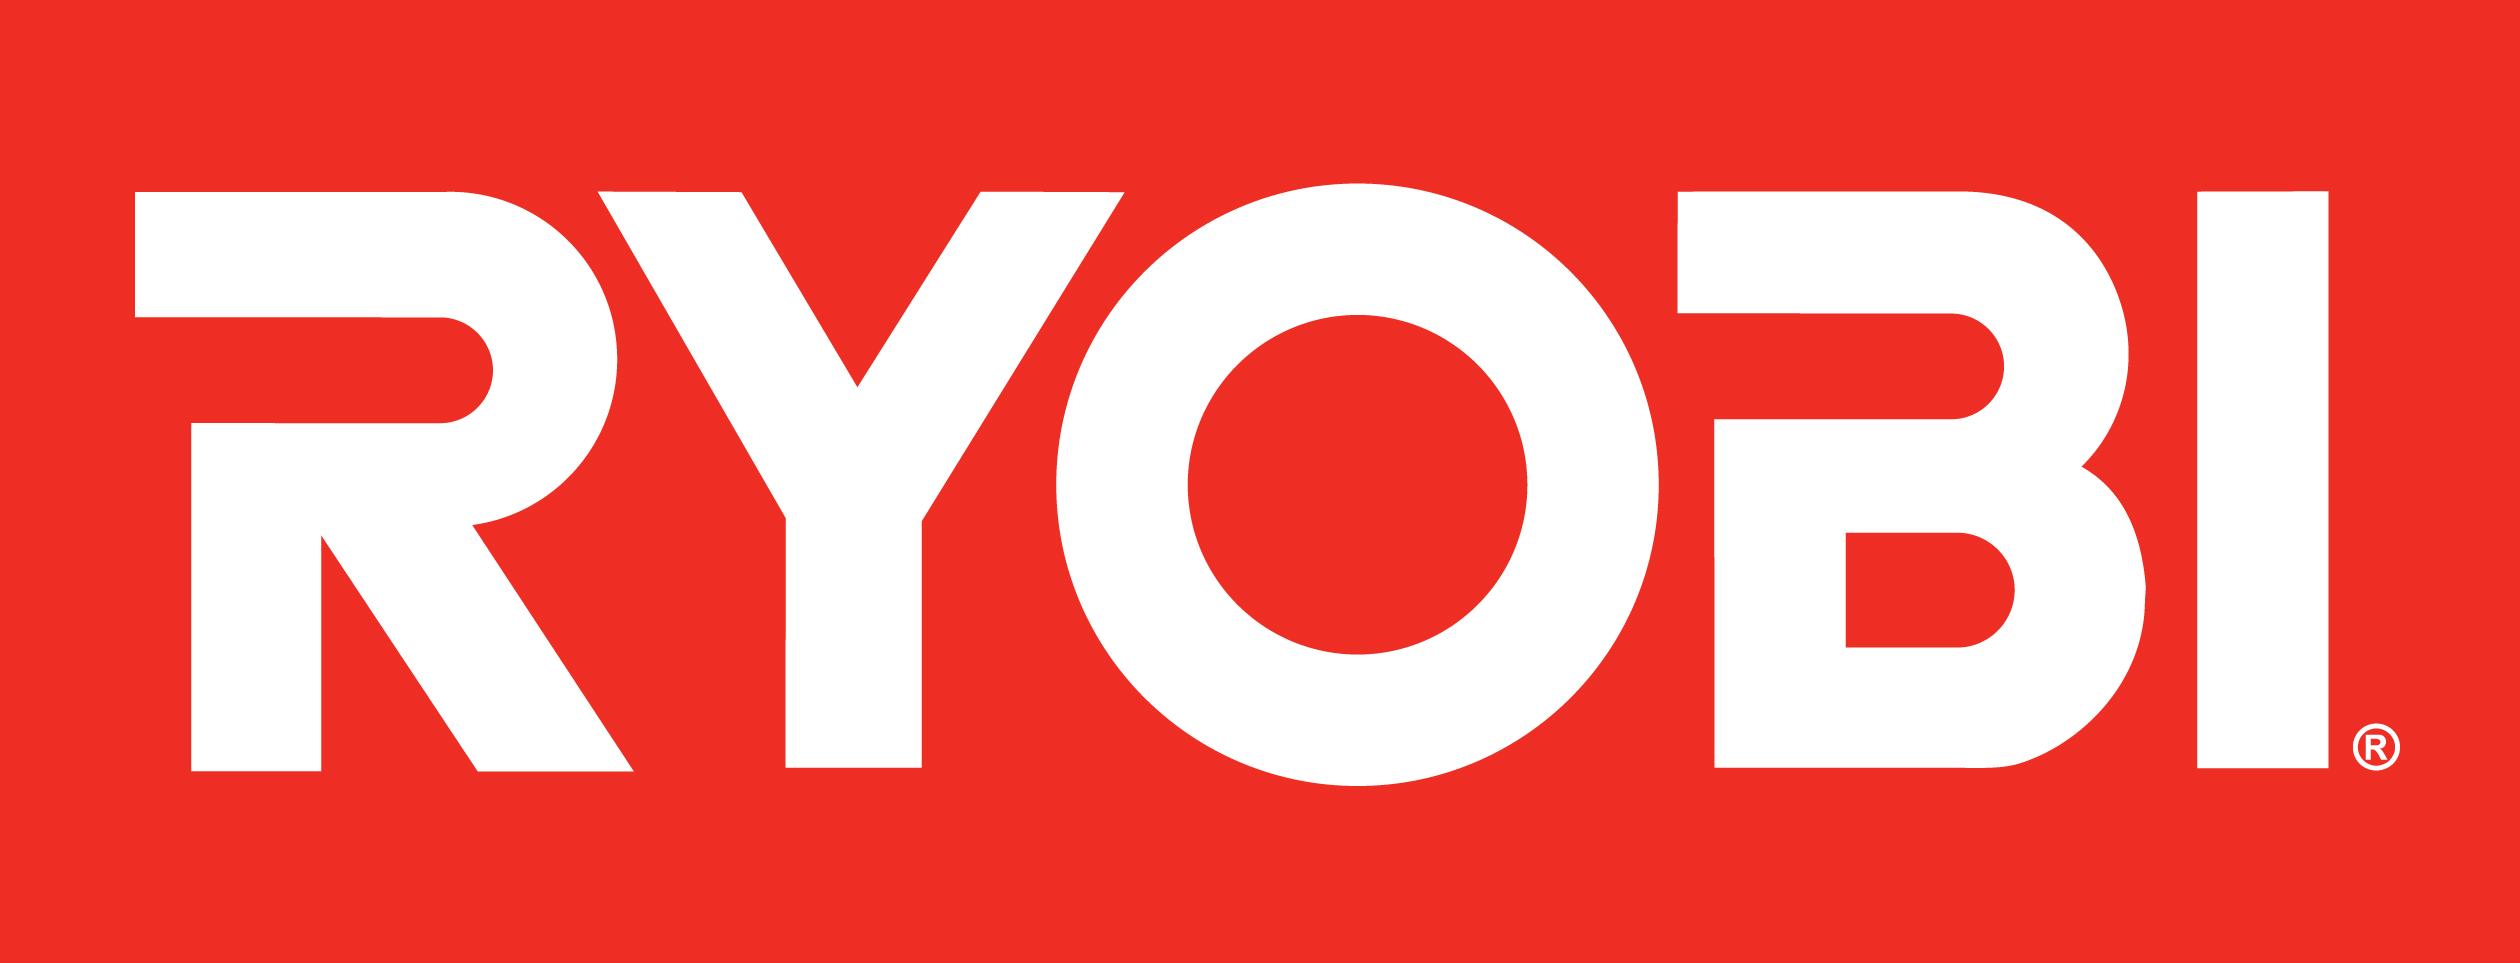 Ryobi logotyp